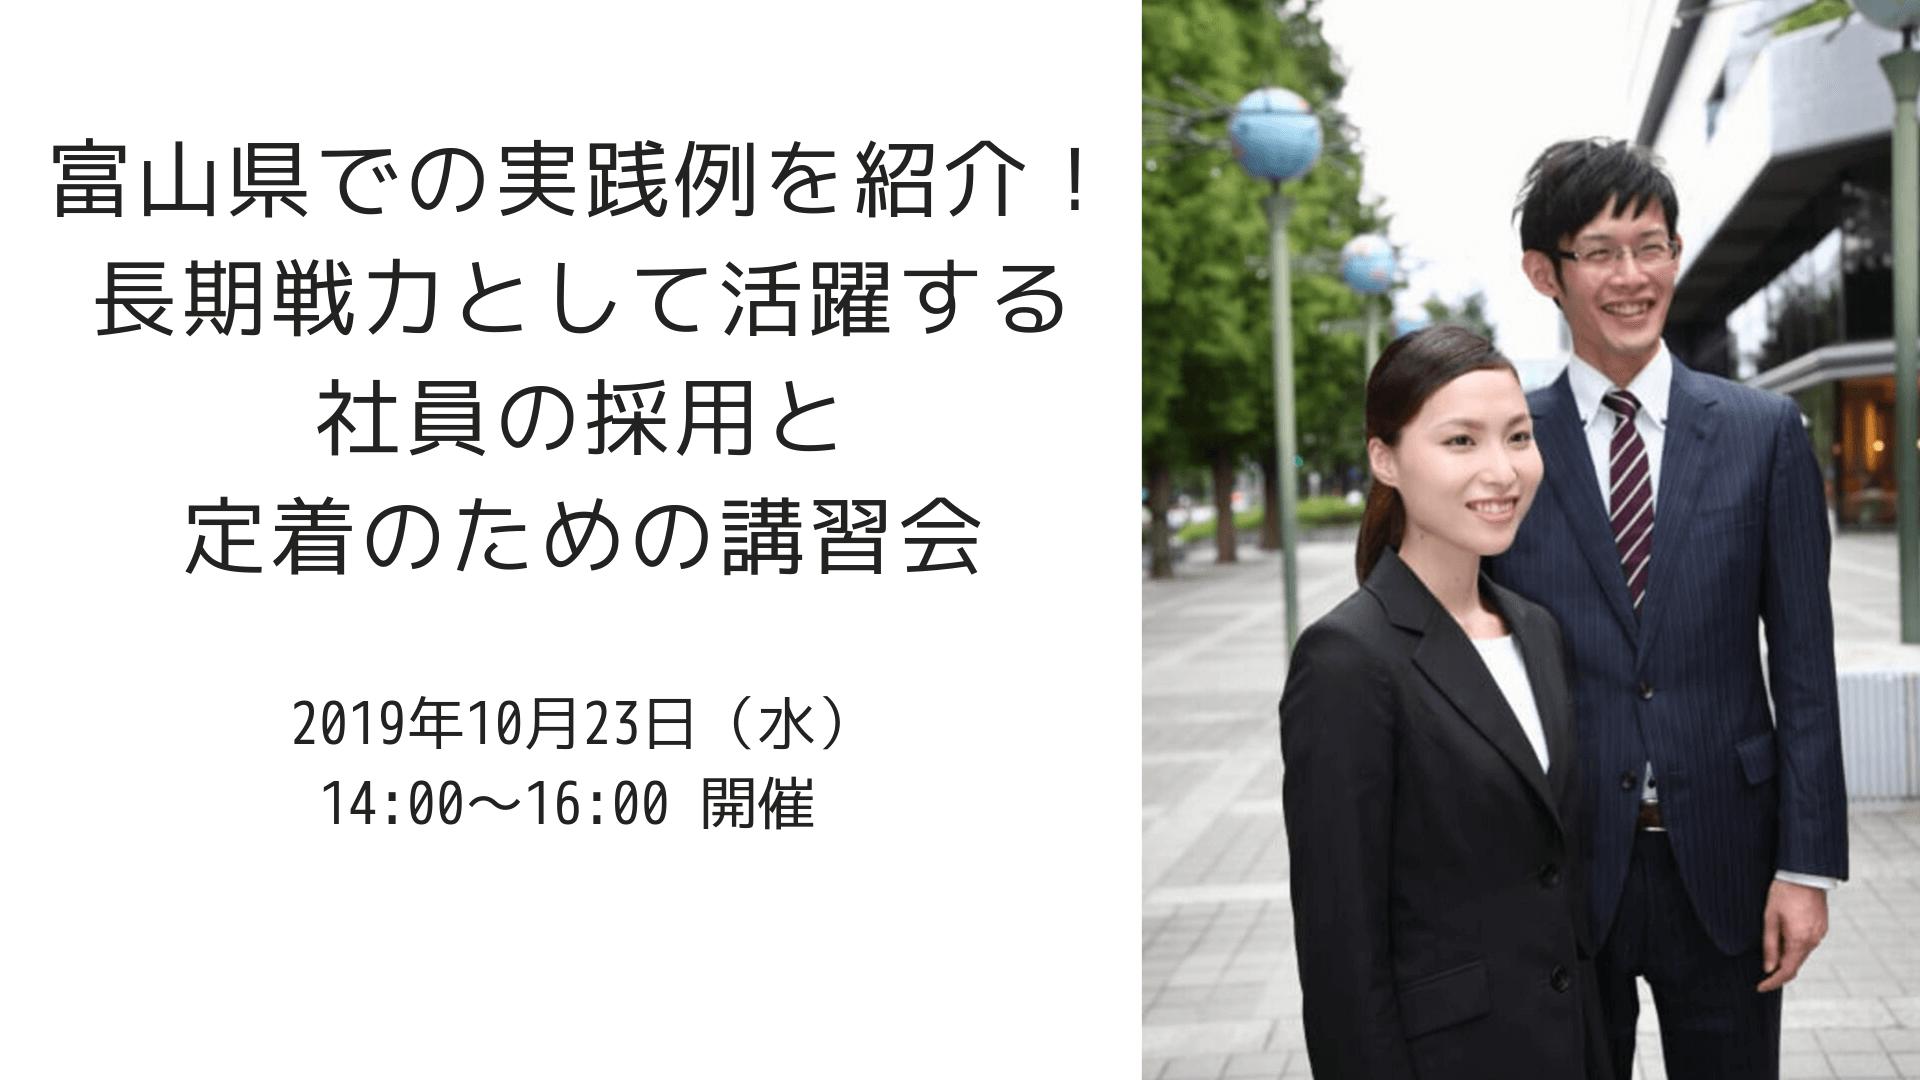 採用と定着の講習会10月開催